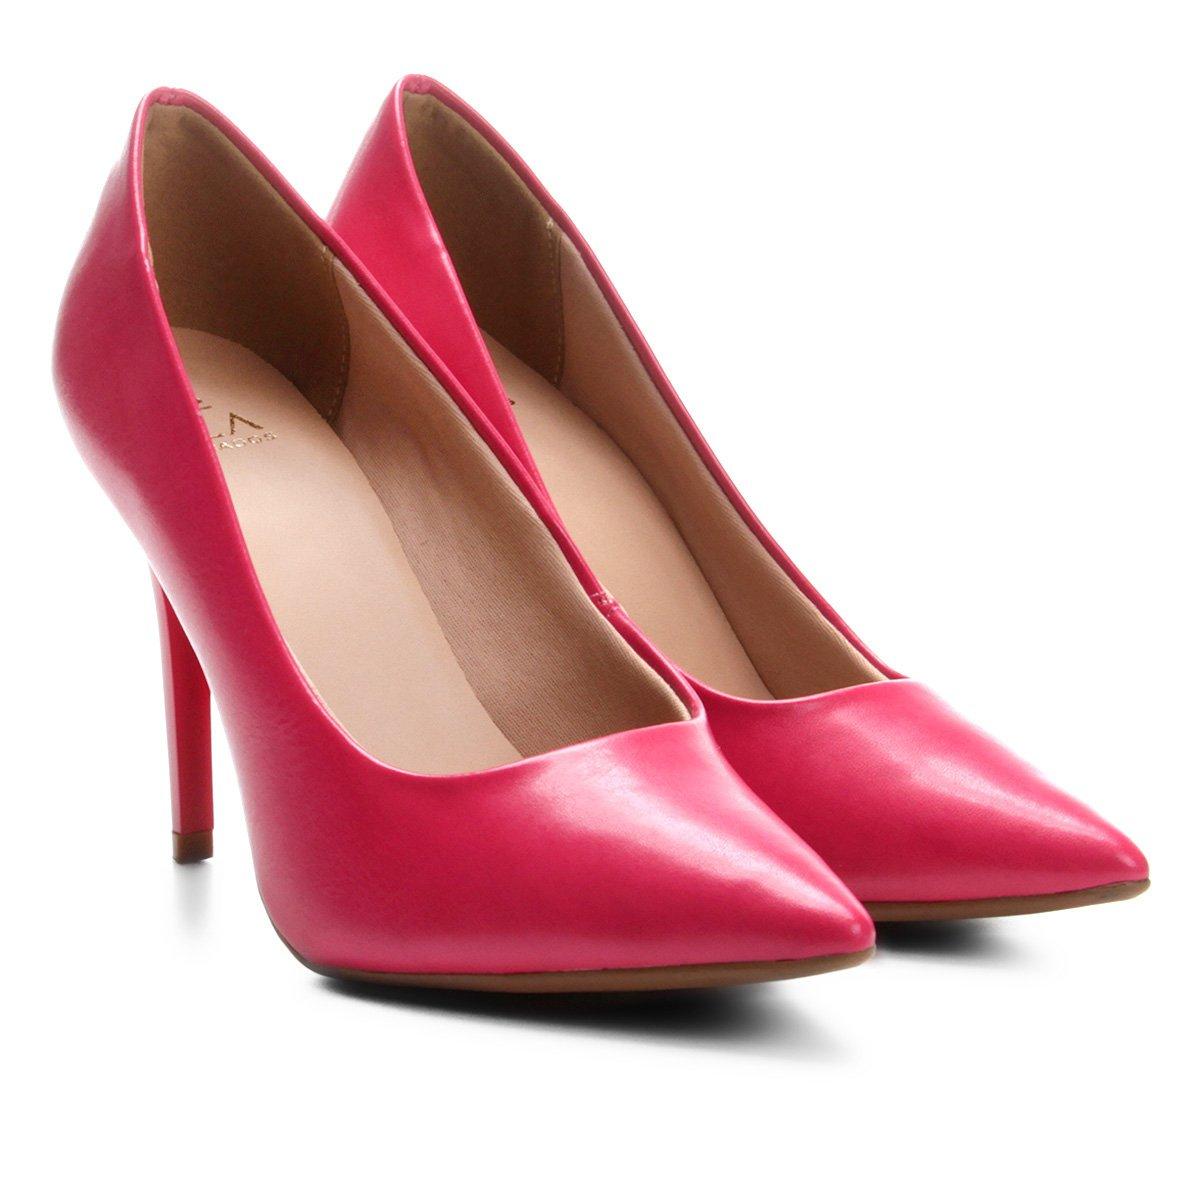 Scarpin Scarpin Alto Pink Ala Fino Pink Salto Ala Salto Fino Alto Ala Scarpin qrvx5q6Z